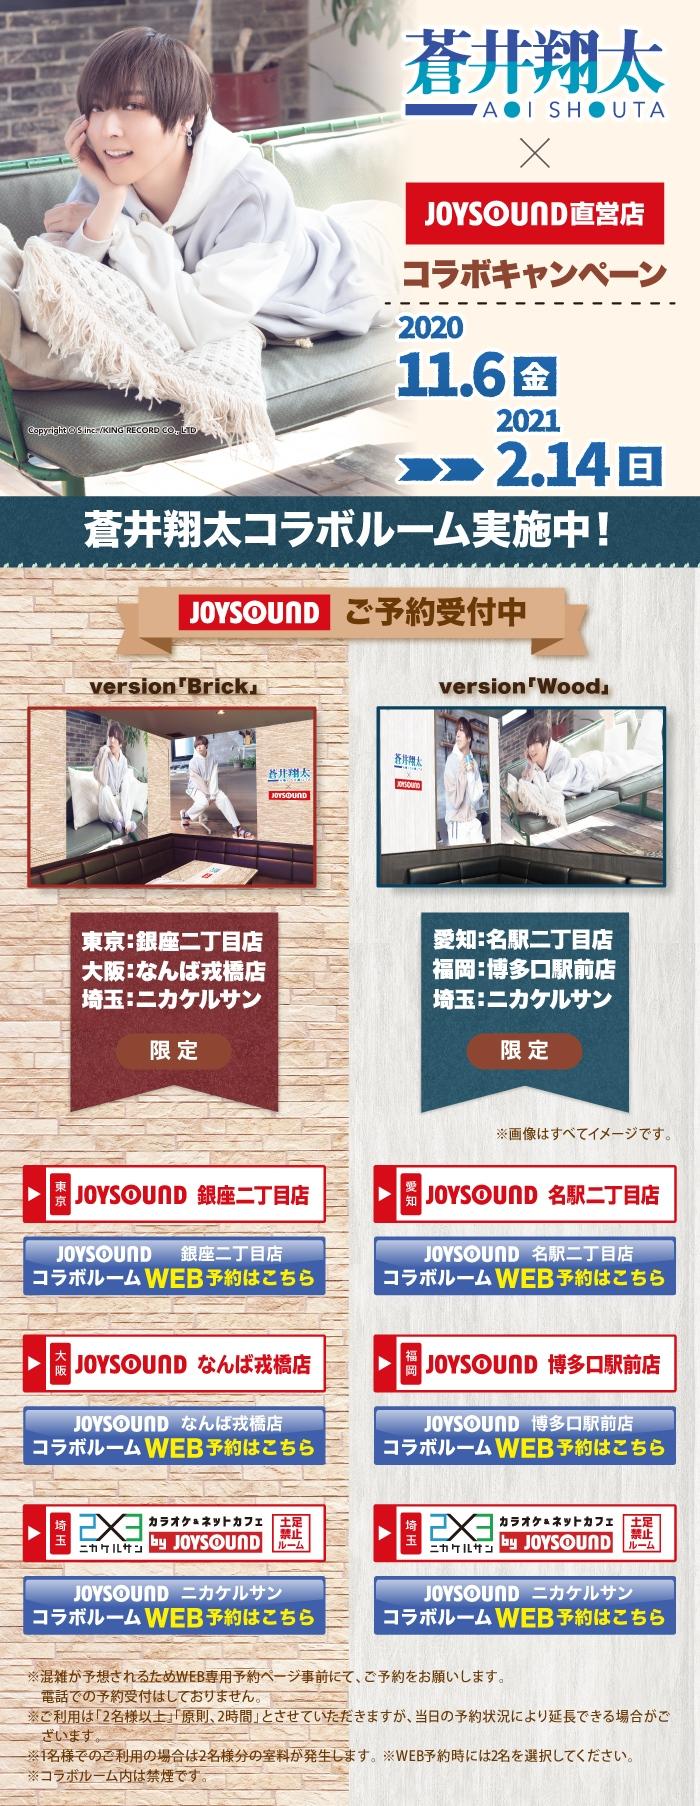 蒼井翔太×JOYSOUND直営店コラボキャンペーン2020コラボルーム